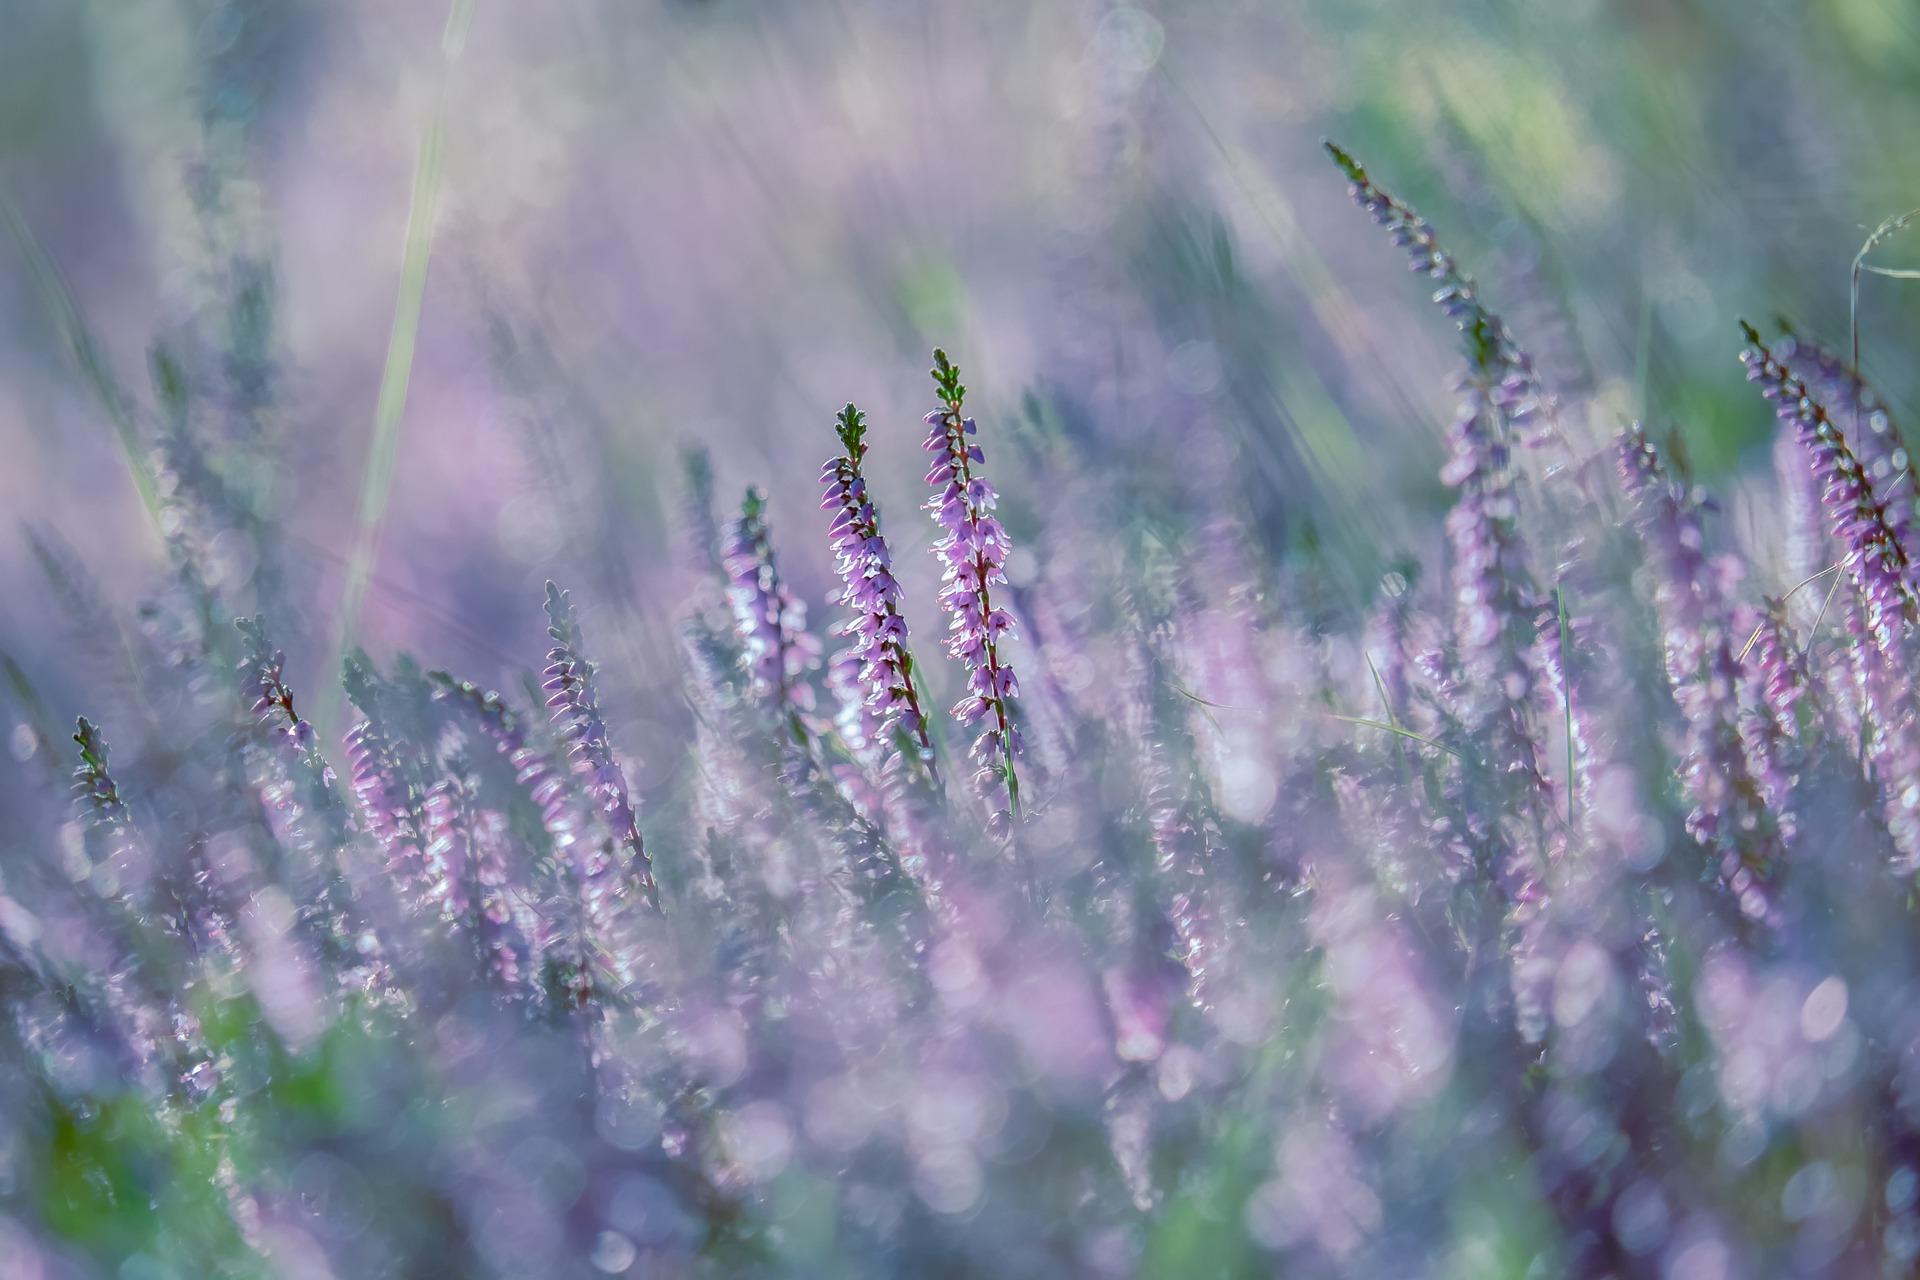 Ein Grab bepflanzt mit Heidekraut strahlt Wehmut und schöne Melancholie aus.